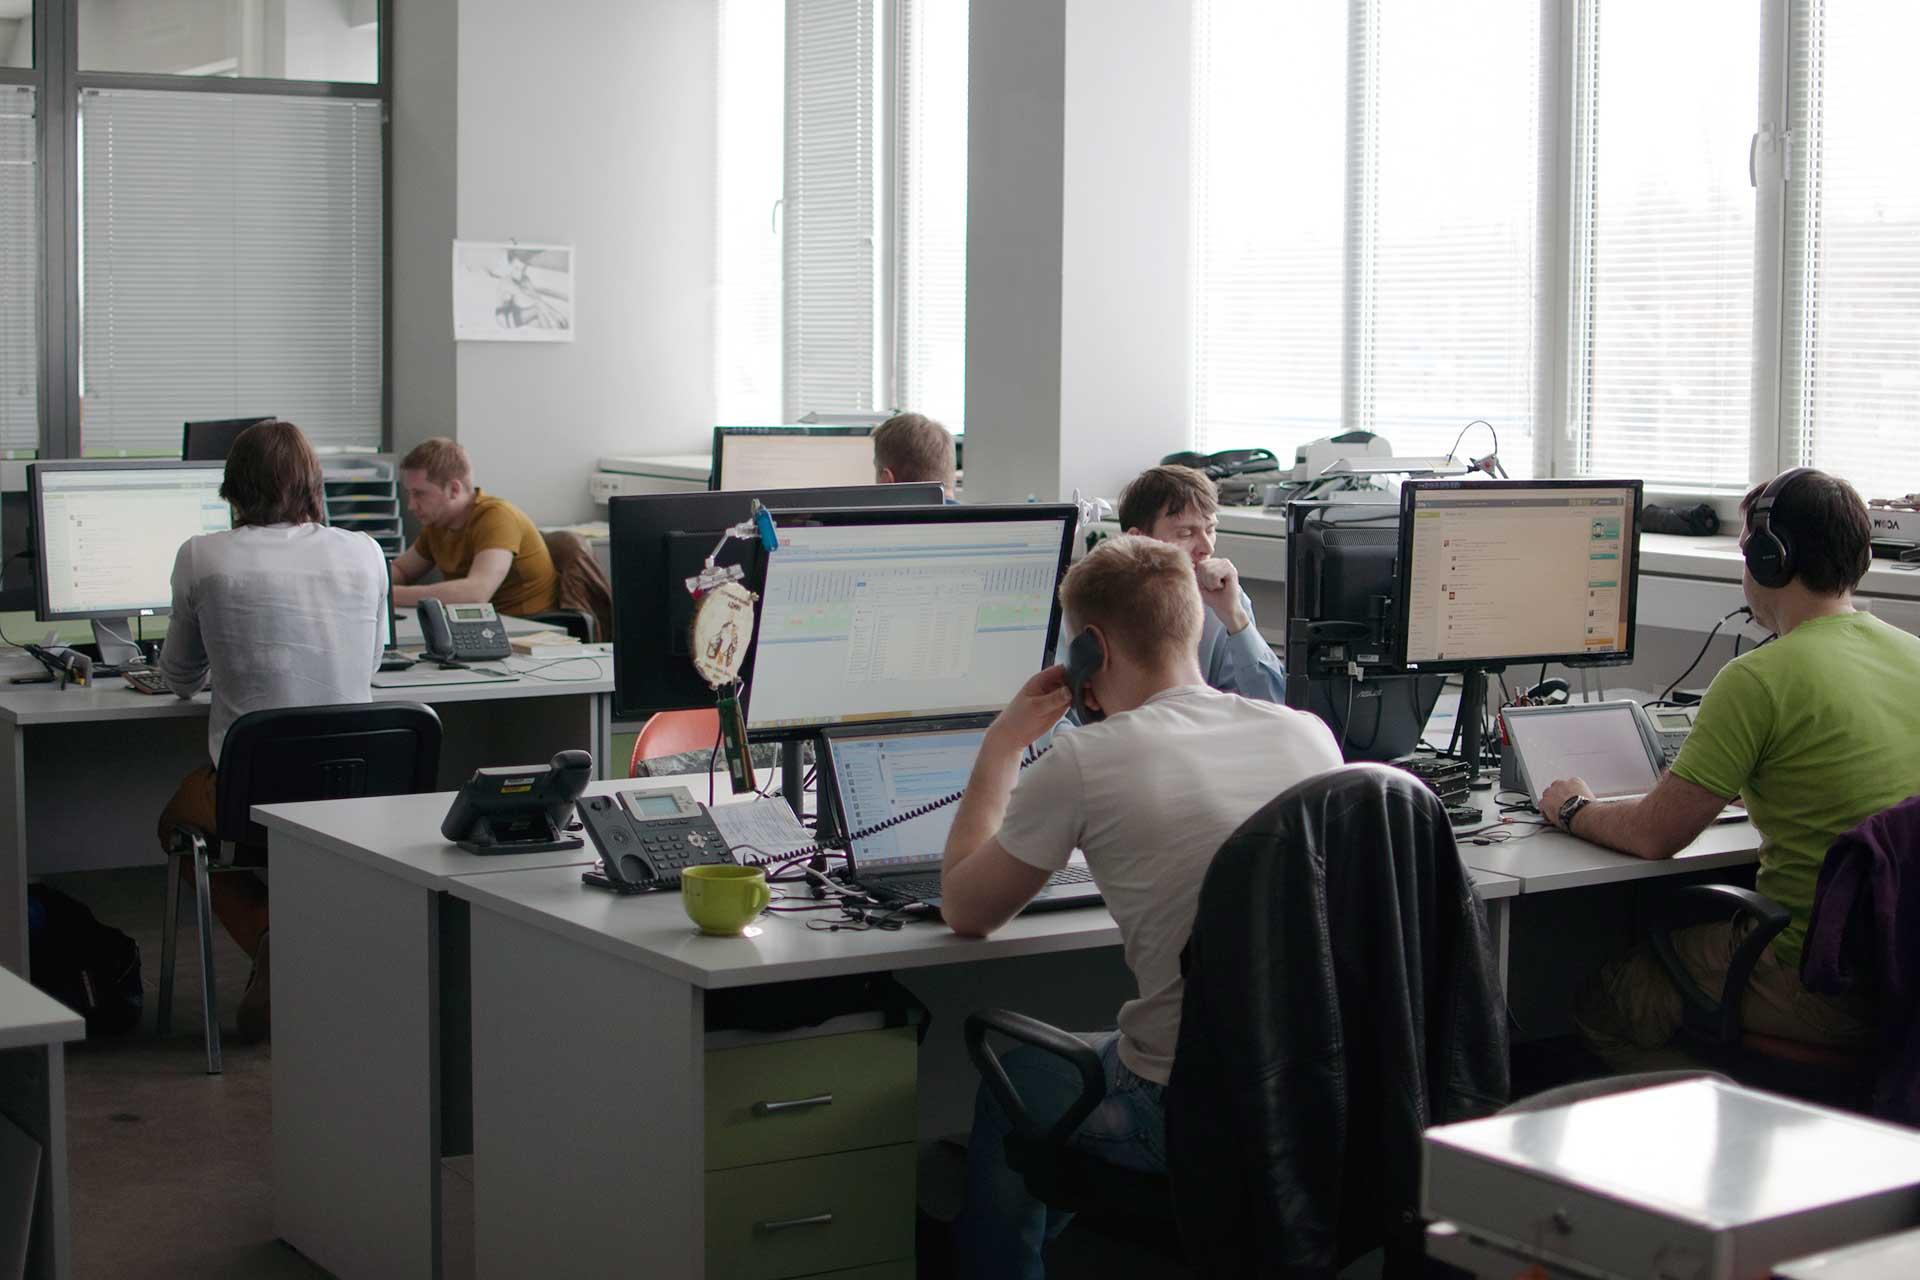 Битрикс офис crm система на примере локальная сеть компьютер сервер